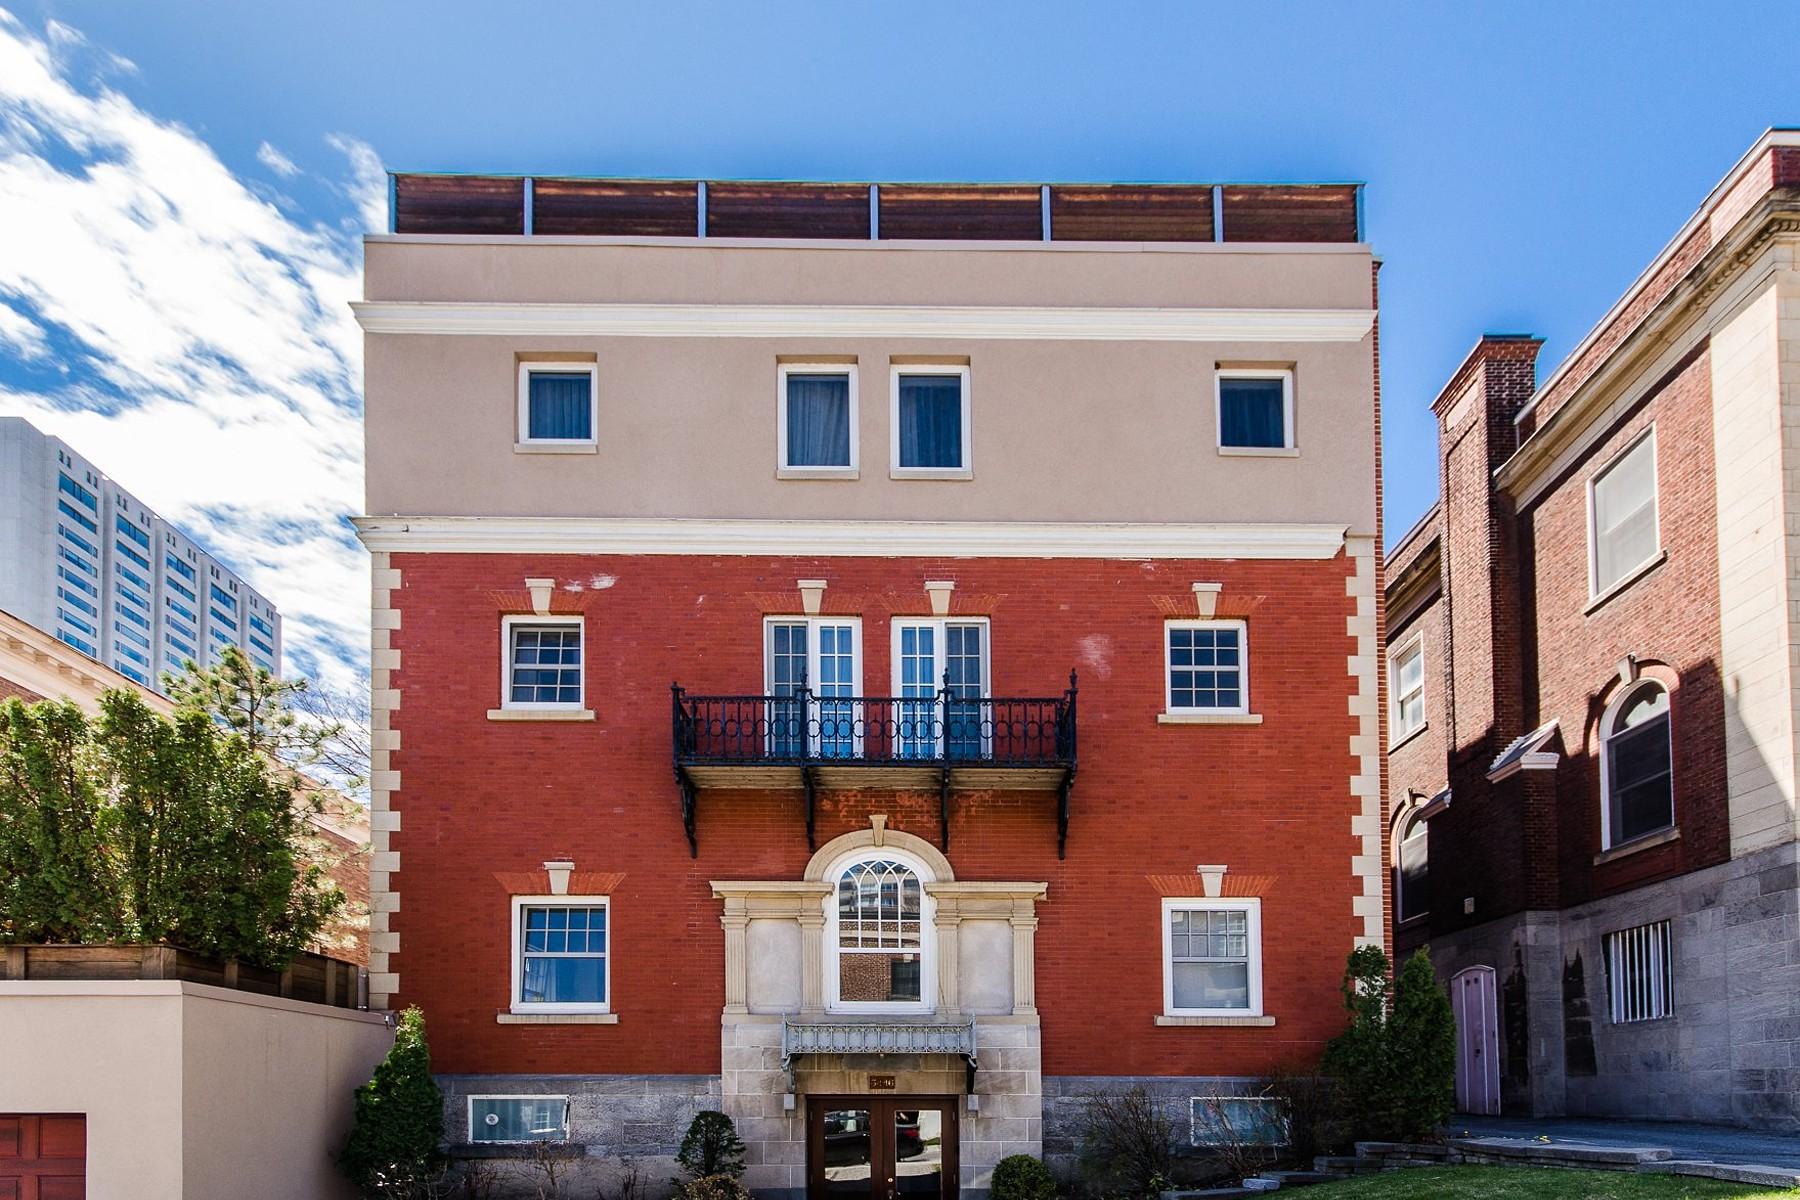 Condominium for Sale at Ville-Marie (Montréal), Montréal 3446 Av. du Musée, Apt. 2 Montreal, Quebec H3G2C7 Canada